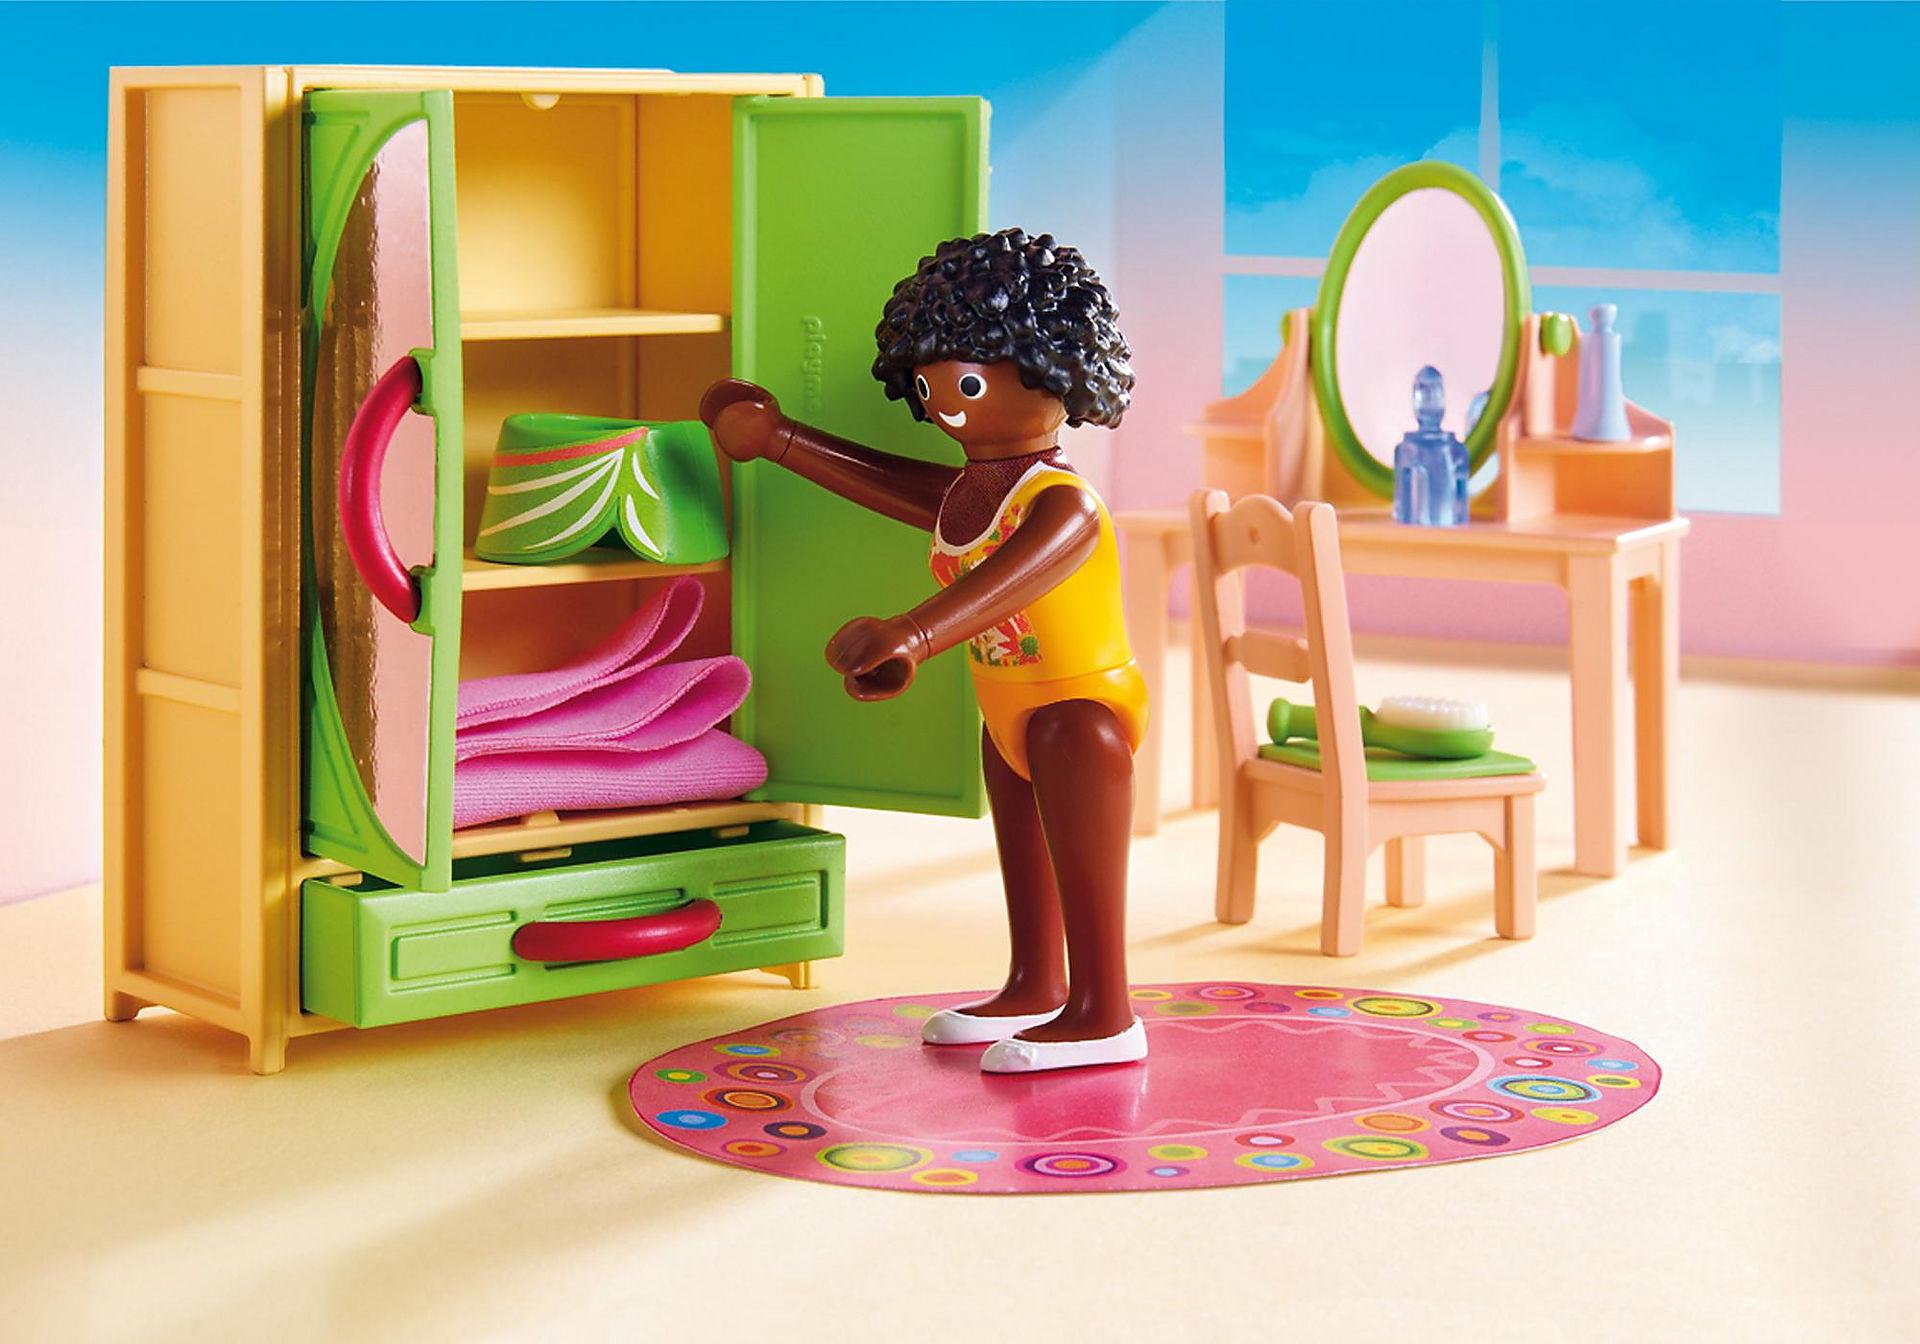 http://media.playmobil.com/i/playmobil/5309_product_extra1/Habitación Principal